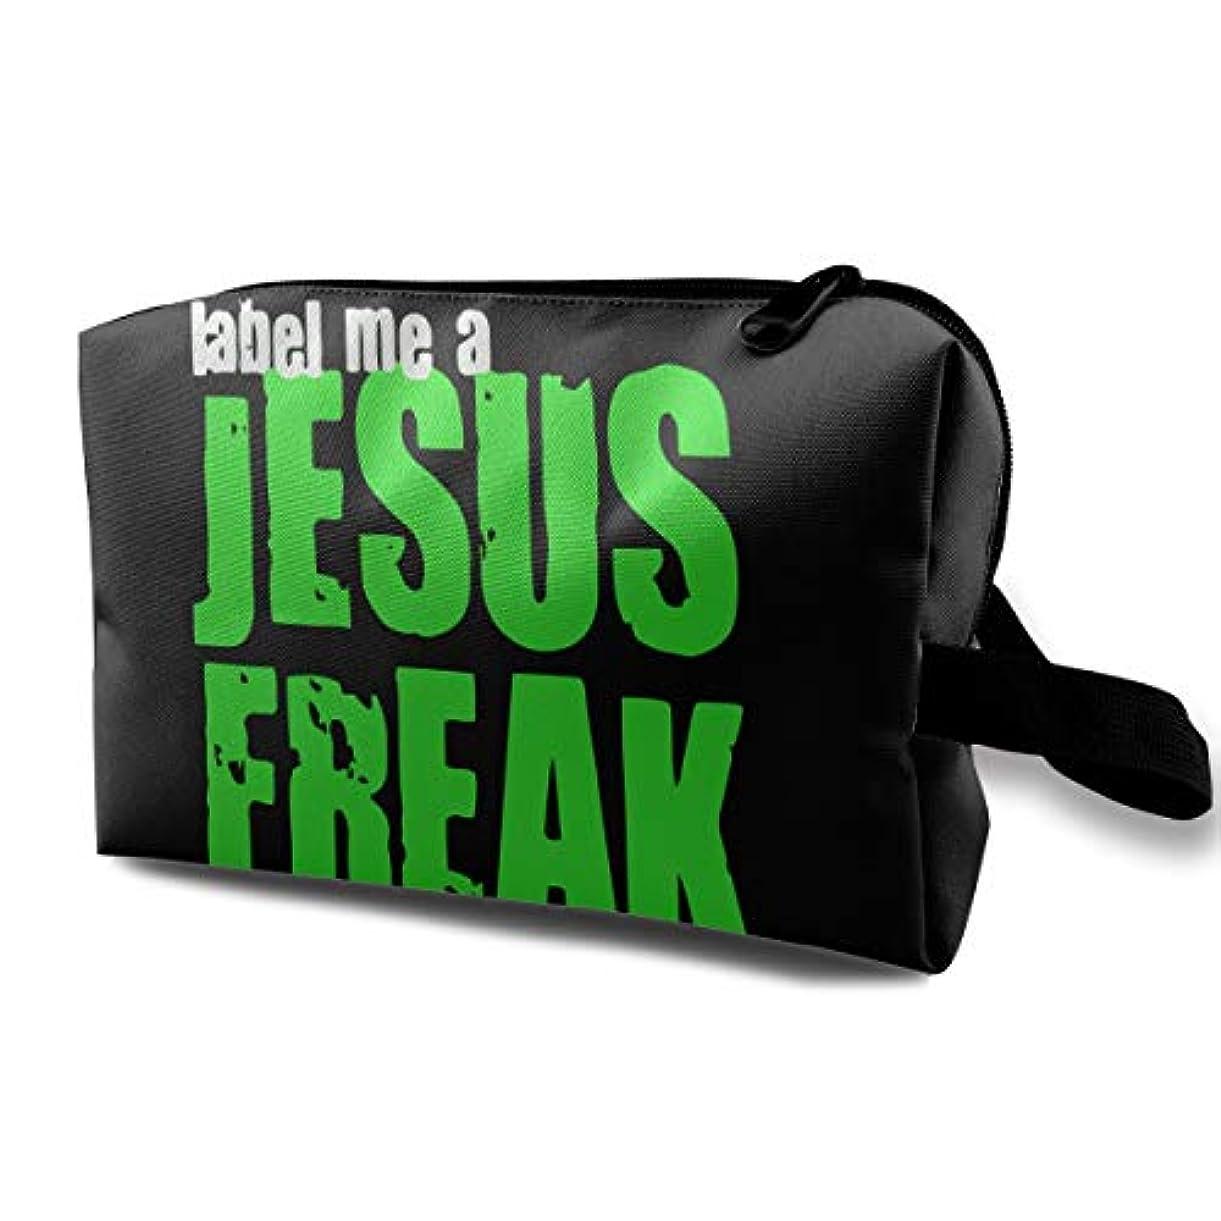 クリアポルノラベルLabel Me A Jesus Freak Logo メイクポーチ 化粧ポーチ 機能的 大容量 メイクブラシバッグ 収納バッグ トラベルバッグ メイクブラシ 化粧道具 洗面用具入れ 防水 小物入れ 旅行 出張 耐久性